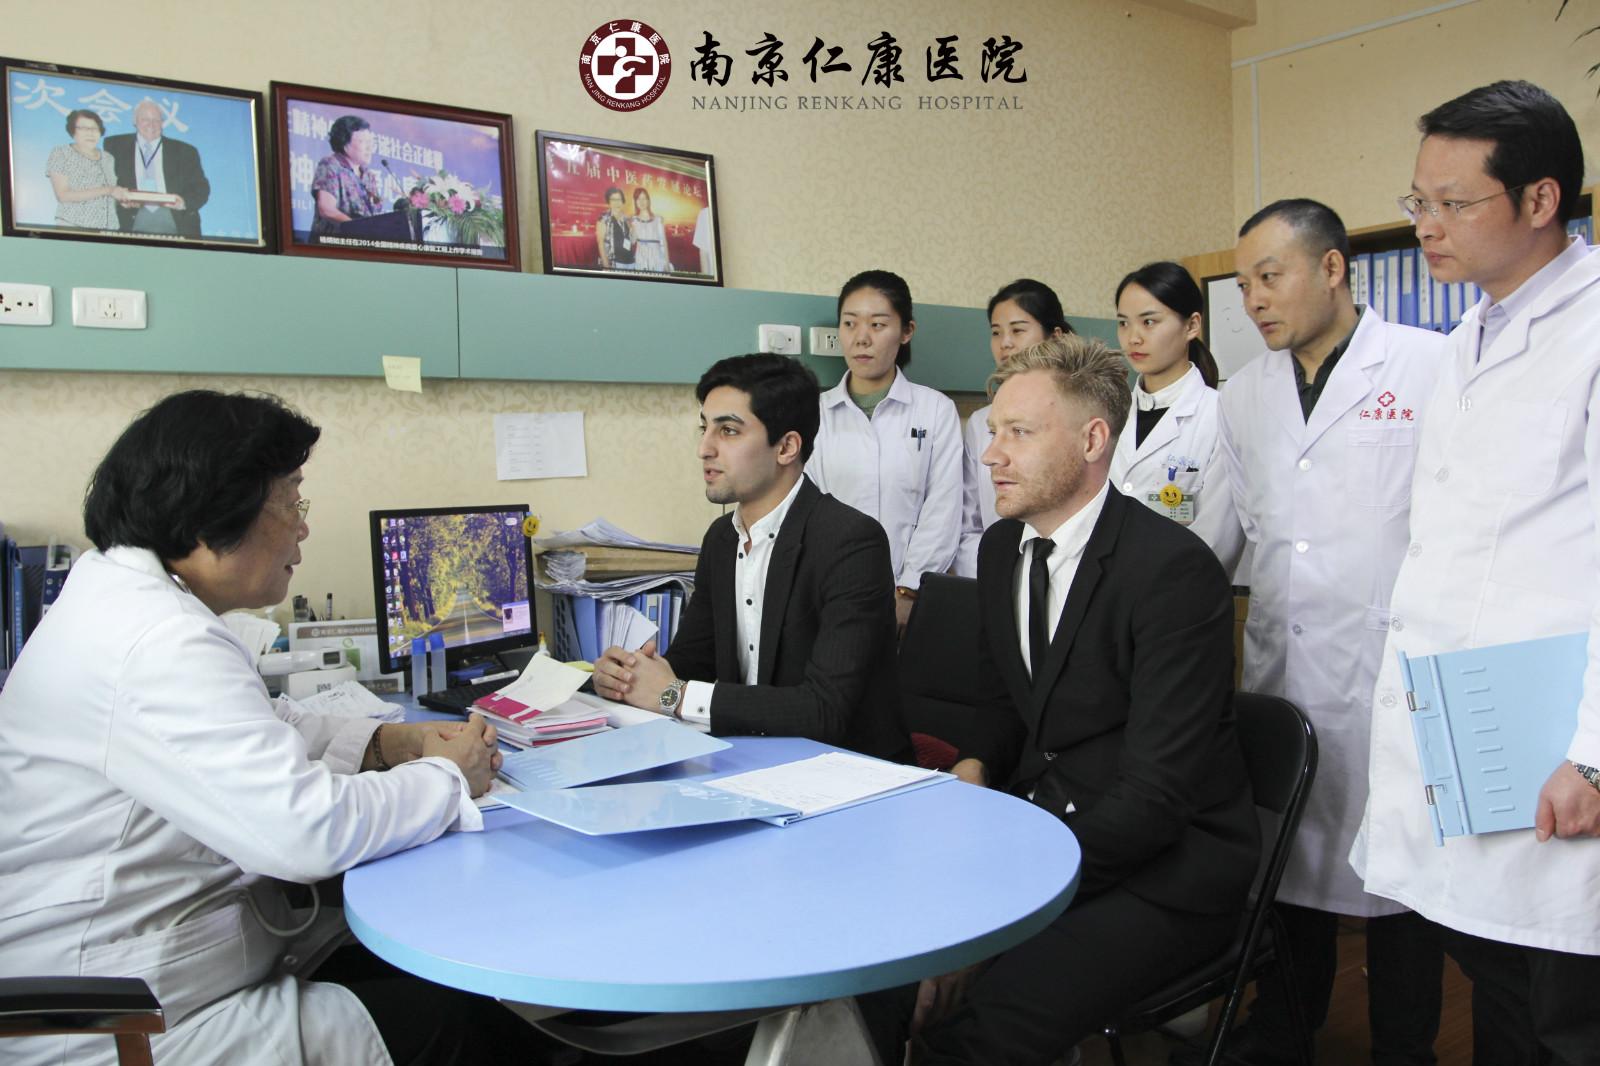 2017中、美、德精神科医学专家在南京仁康医院进行全球学术访问